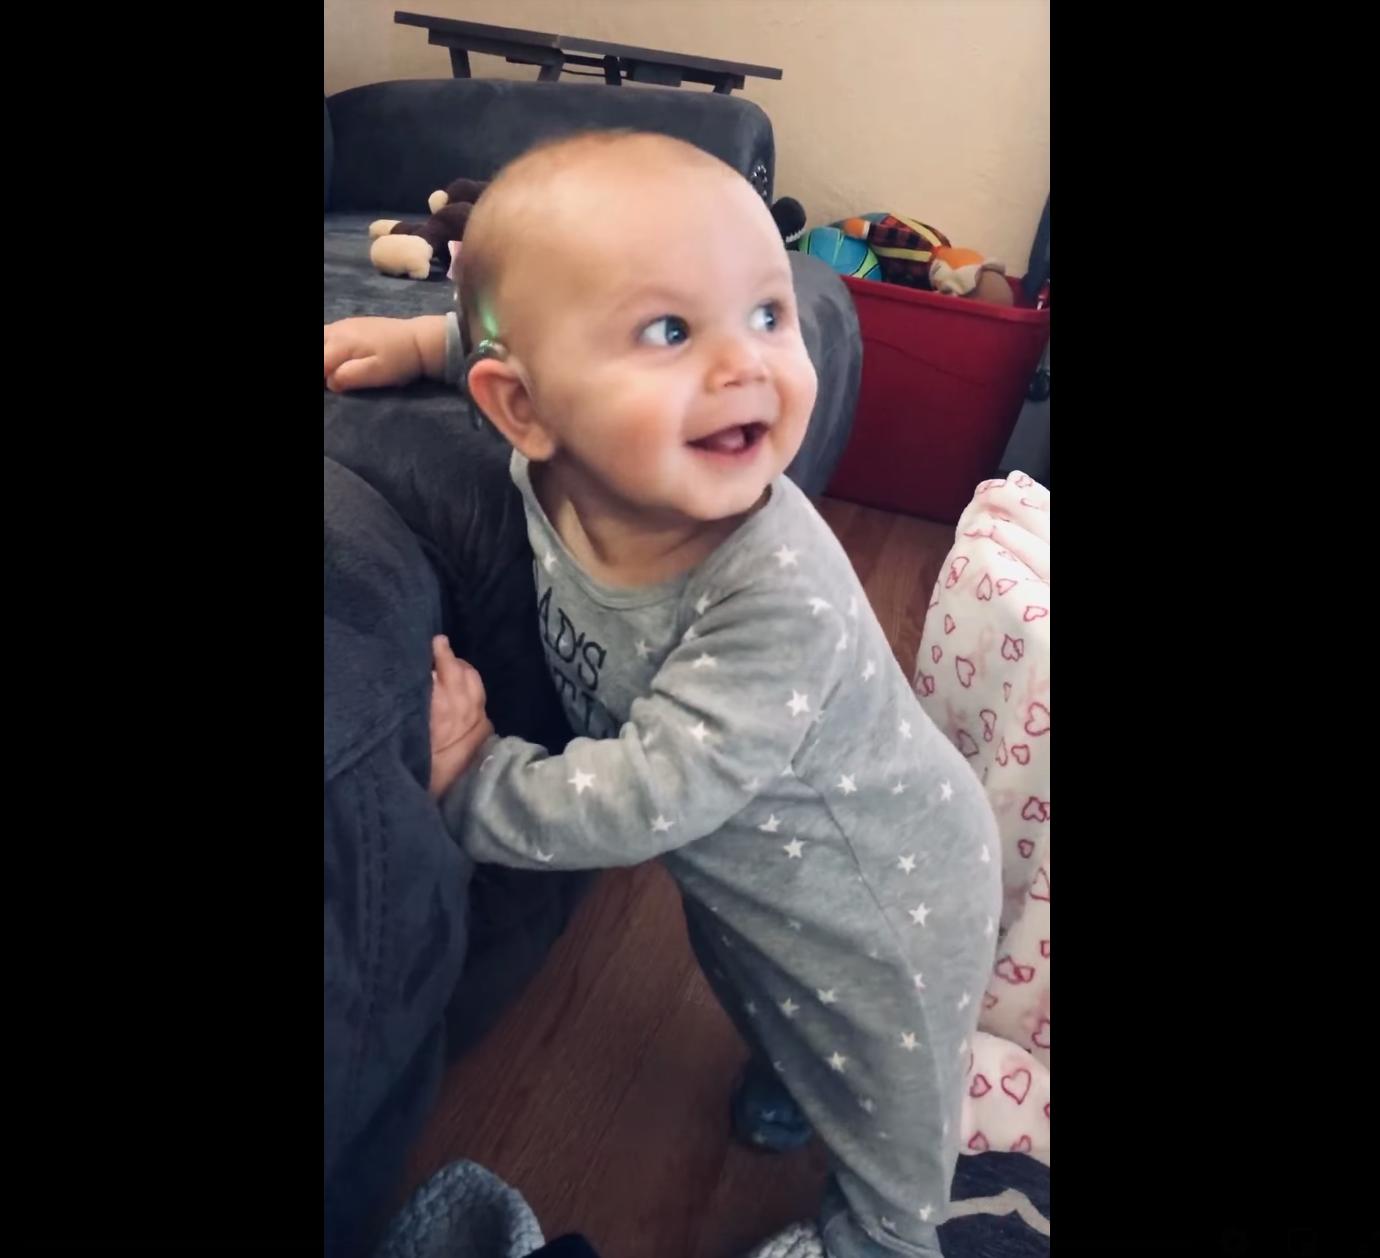 Em bé khiếm thính bẩm sinh cười phấnkhởivà nhảy múa khi nghe nhạc lần đầu tiên sau khi được phẩu thuật